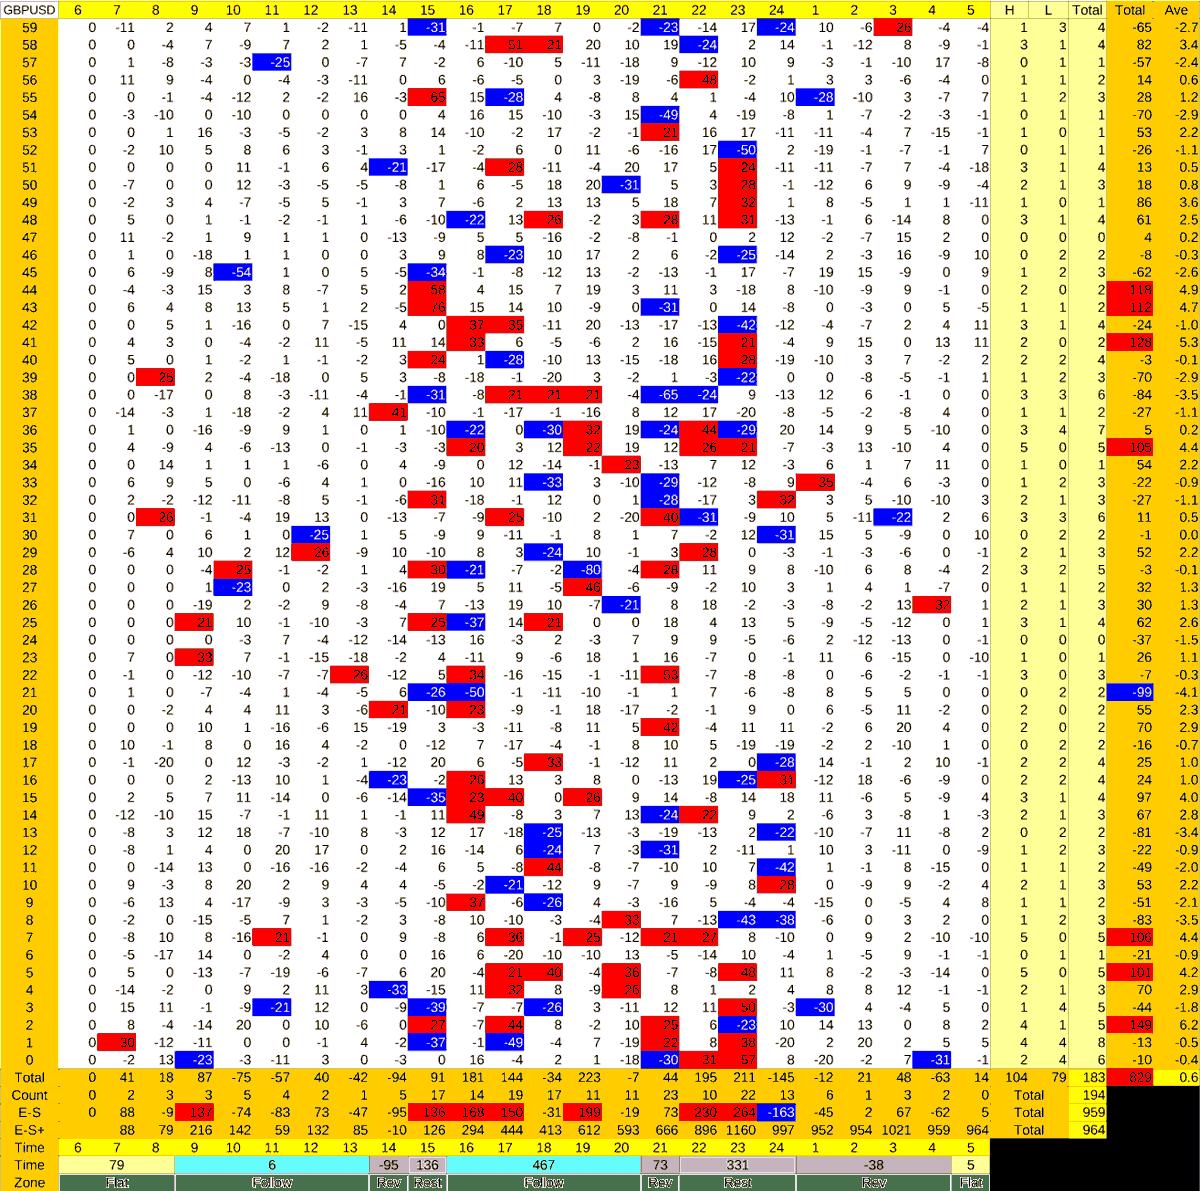 20210503_HS(2)GBPUSD